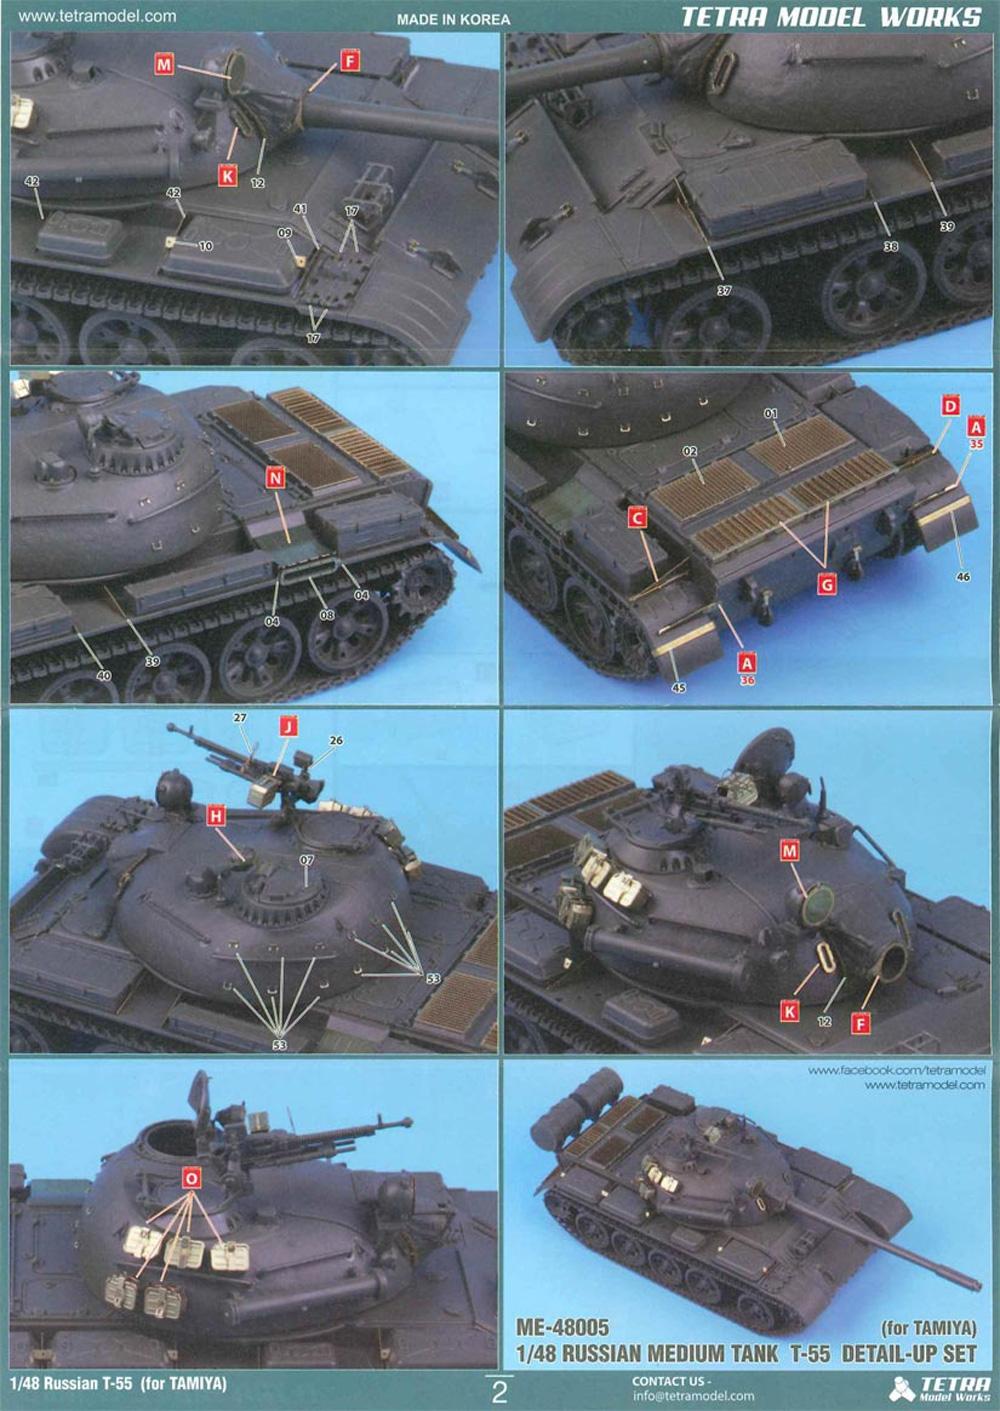 ロシア T-55戦車 ディテールアップ セット (タミヤ用)エッチング(テトラモデルワークスAFV エッチングパーツNo.ME-48005)商品画像_3